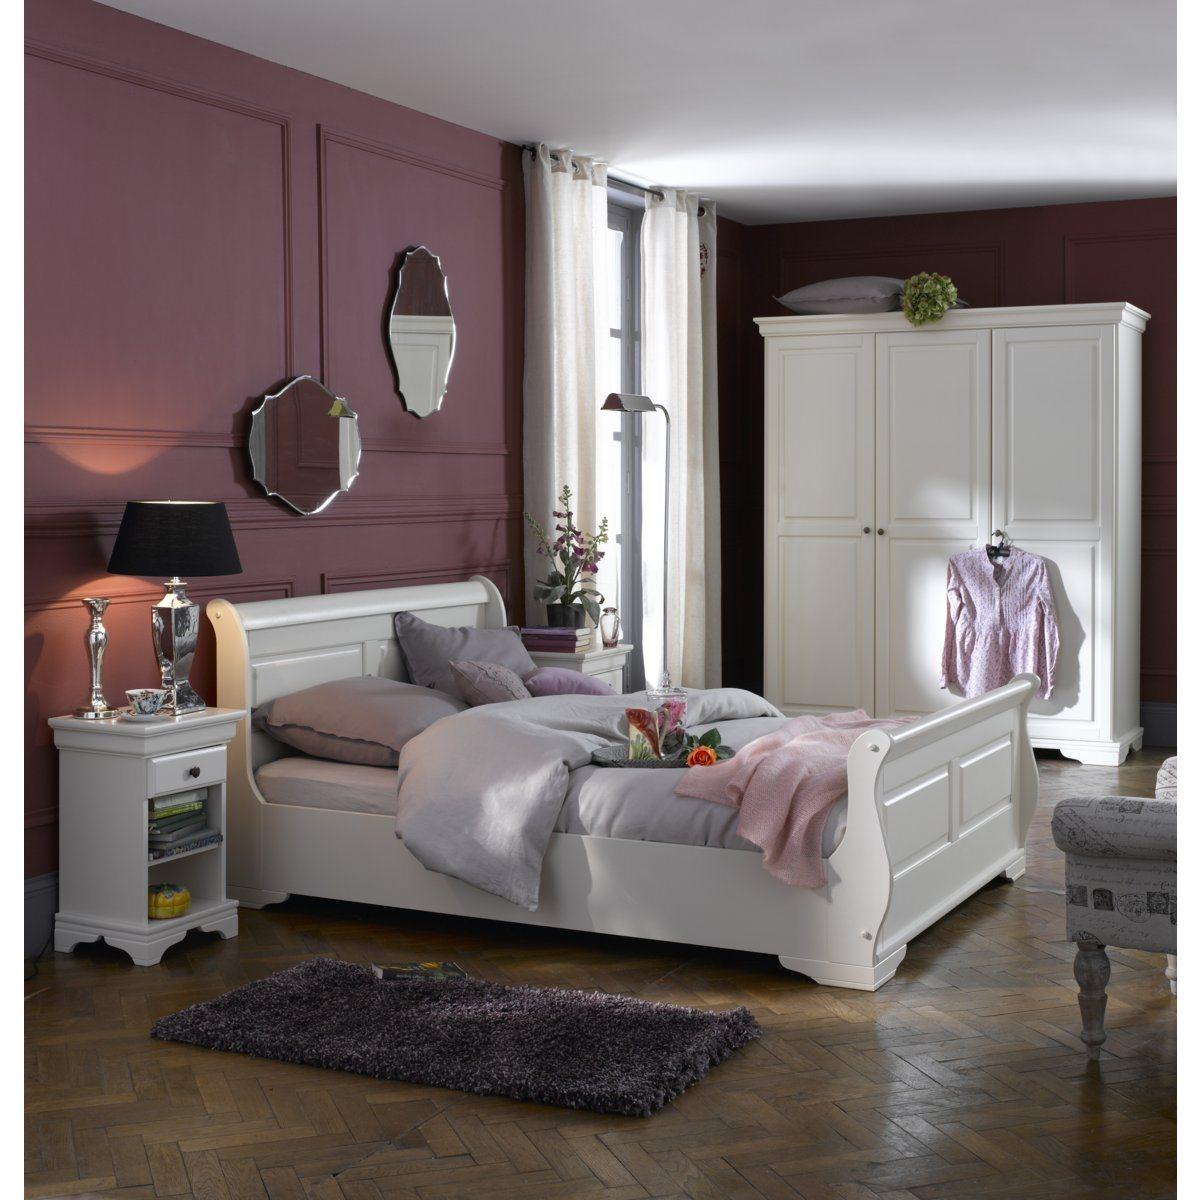 murs de la chambre coucher conseils pour une pi ce au top. Black Bedroom Furniture Sets. Home Design Ideas